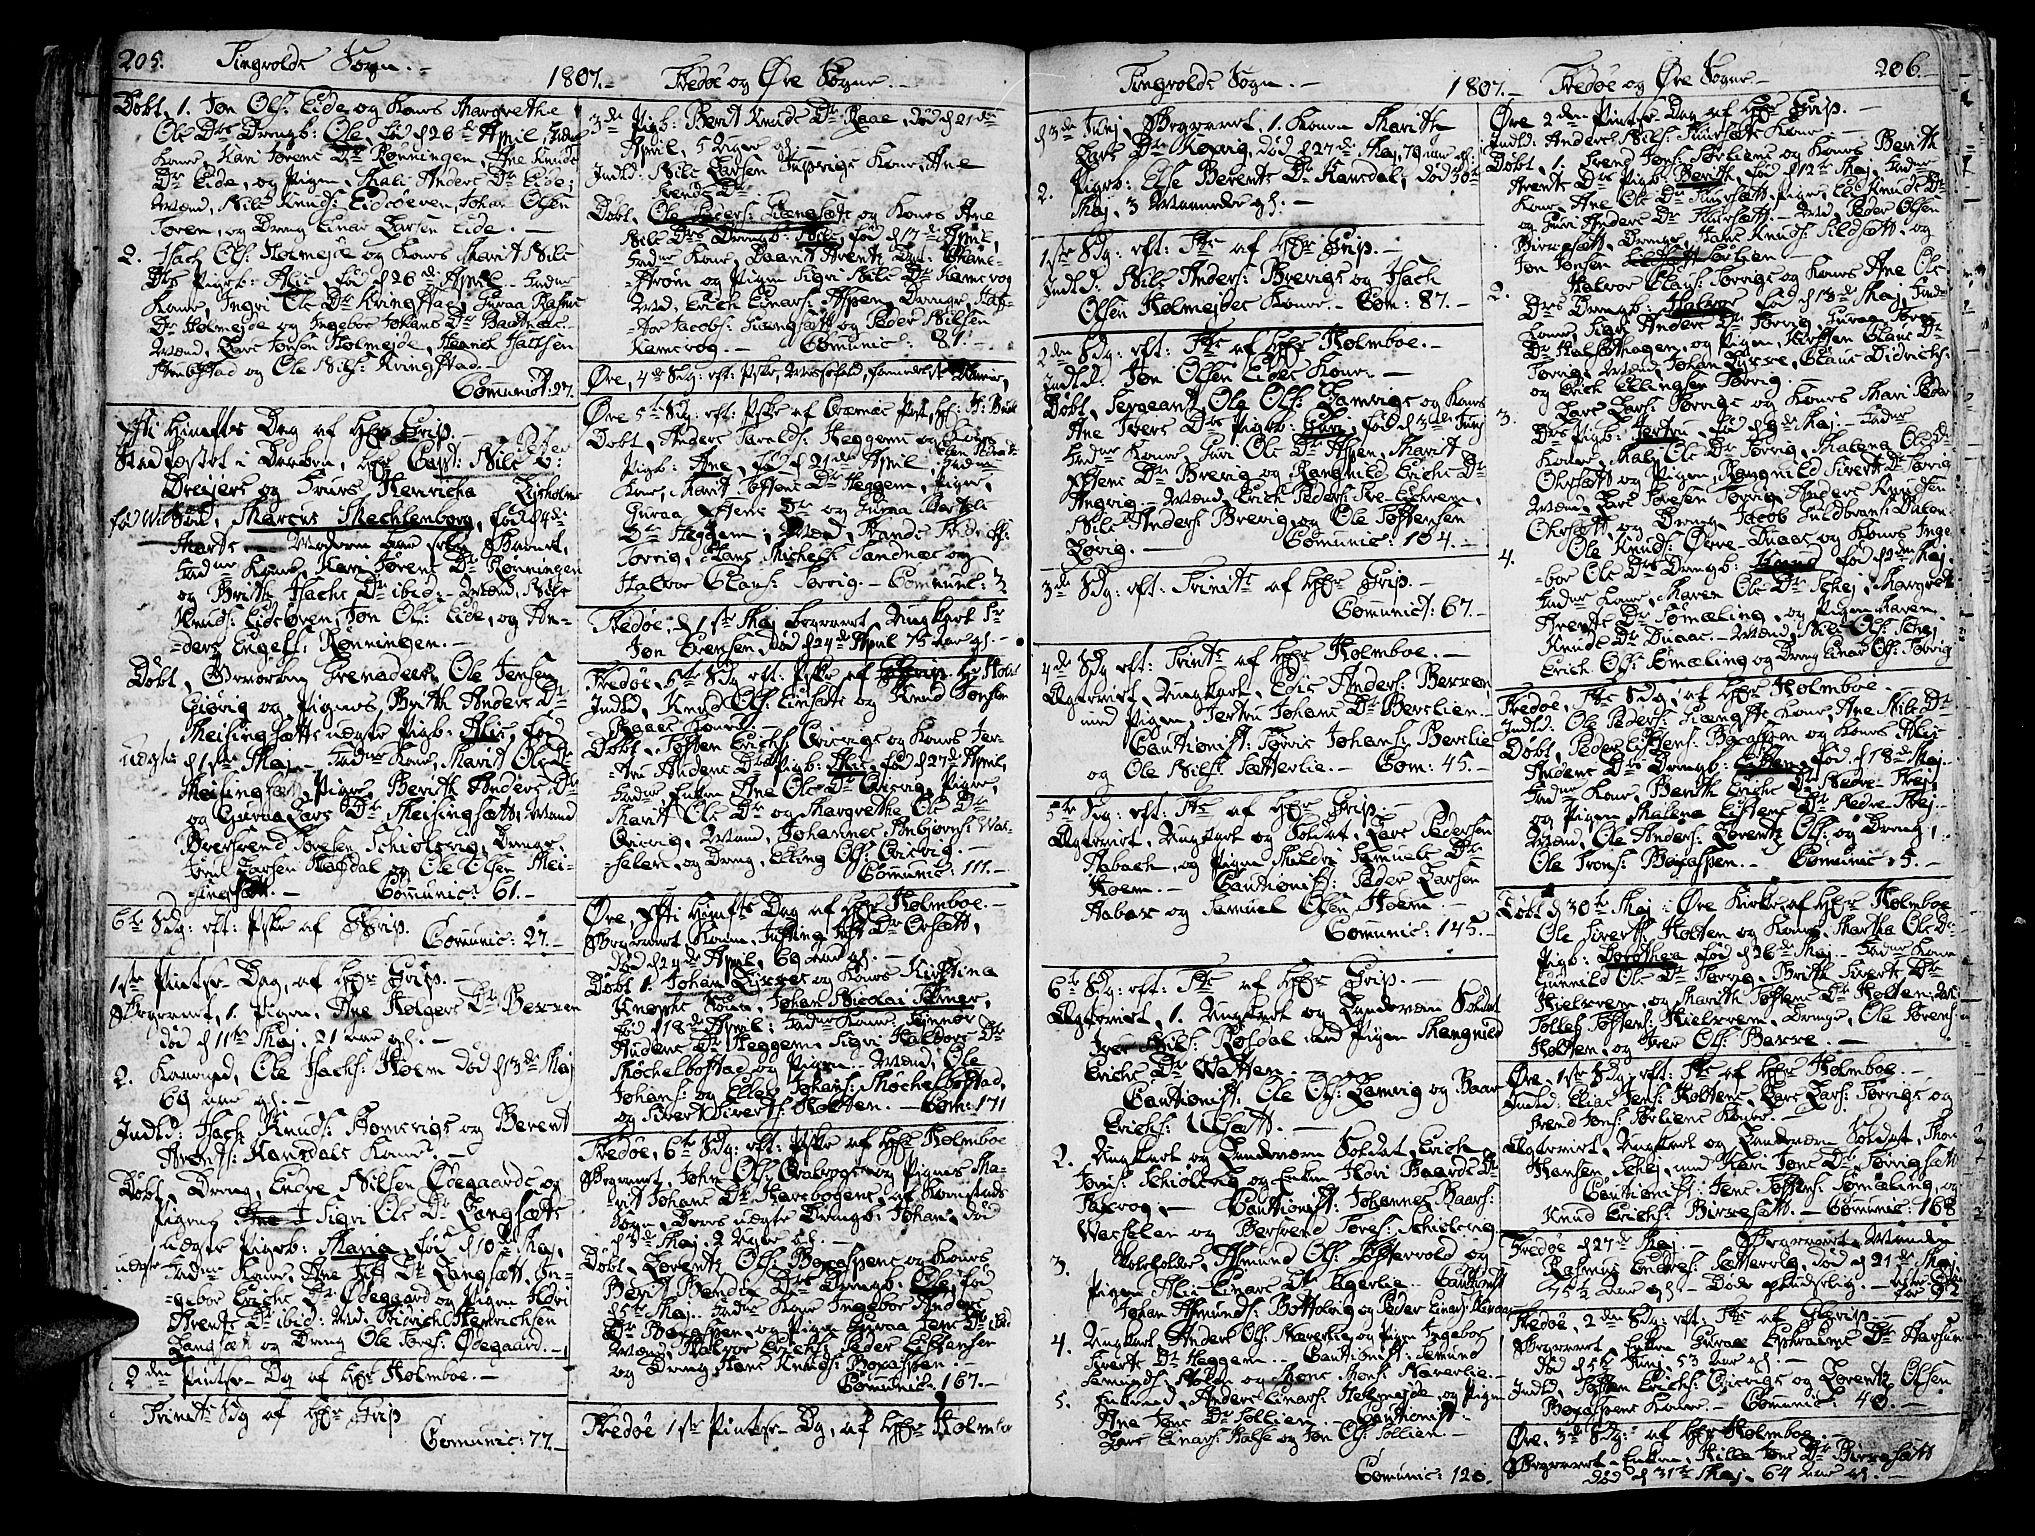 SAT, Ministerialprotokoller, klokkerbøker og fødselsregistre - Møre og Romsdal, 586/L0981: Ministerialbok nr. 586A07, 1794-1819, s. 205-206